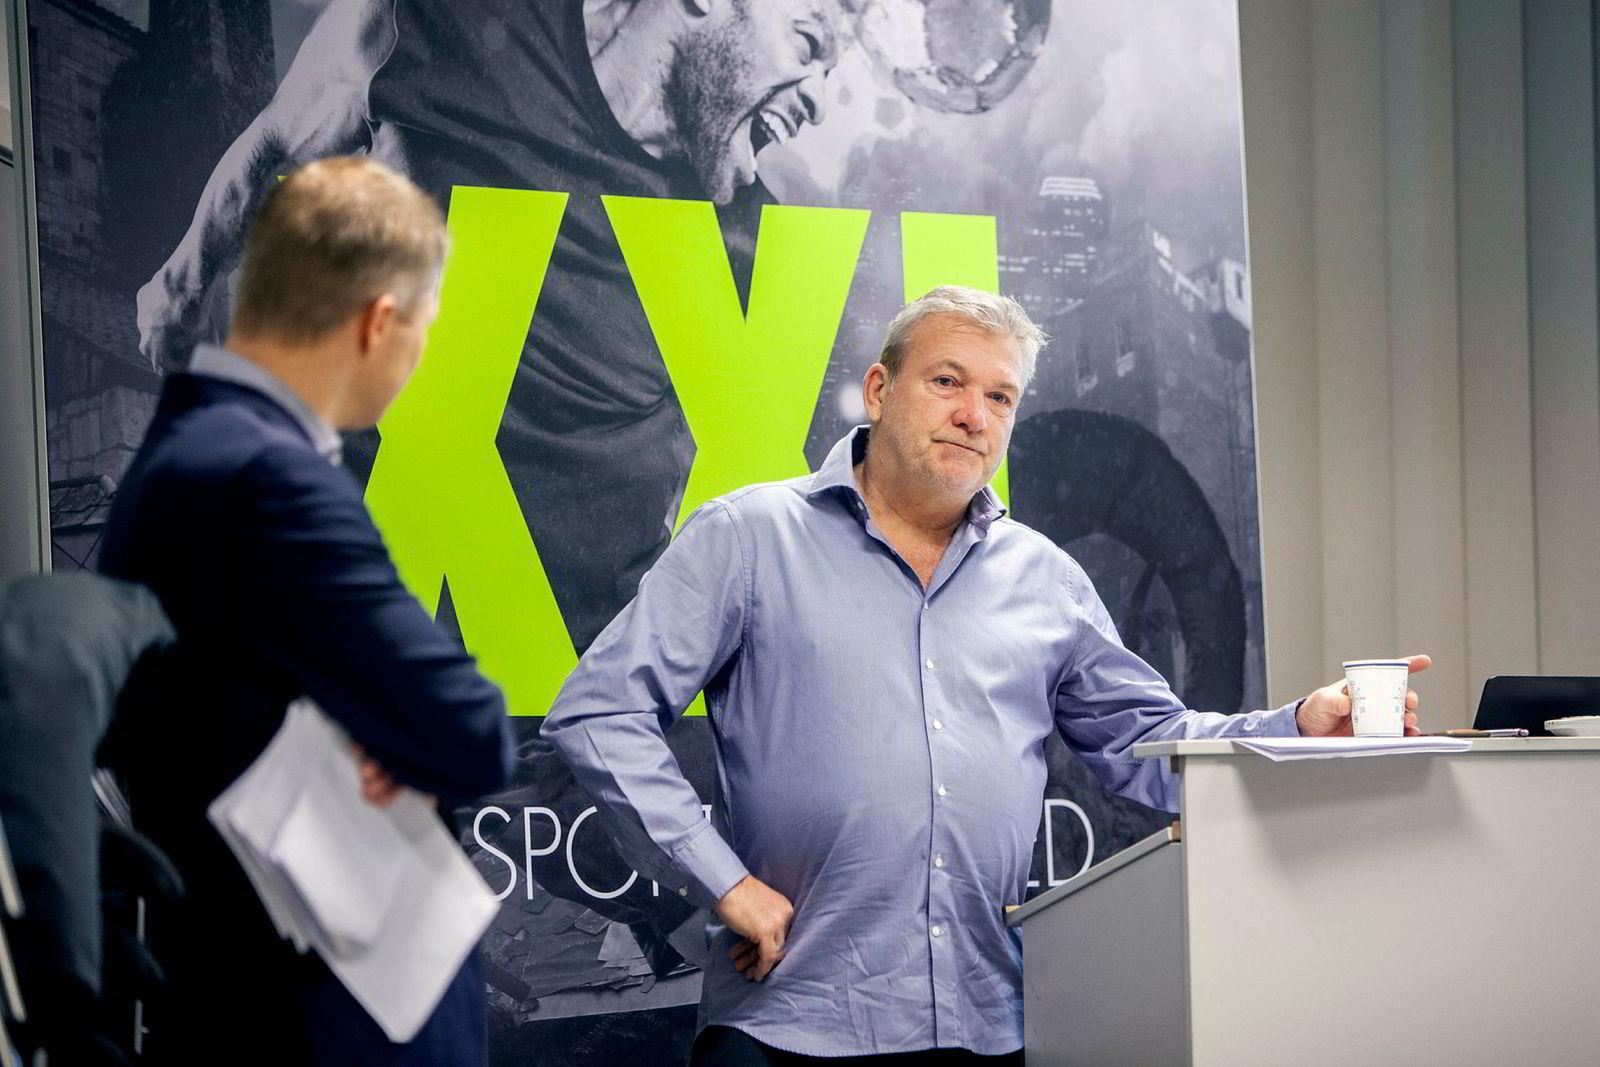 Styreleder og XXL-gründer Øivind Tidemandsen har overtatt den daglige ledelsen i XXL etter at idrettskjedens svake tall det siste året.